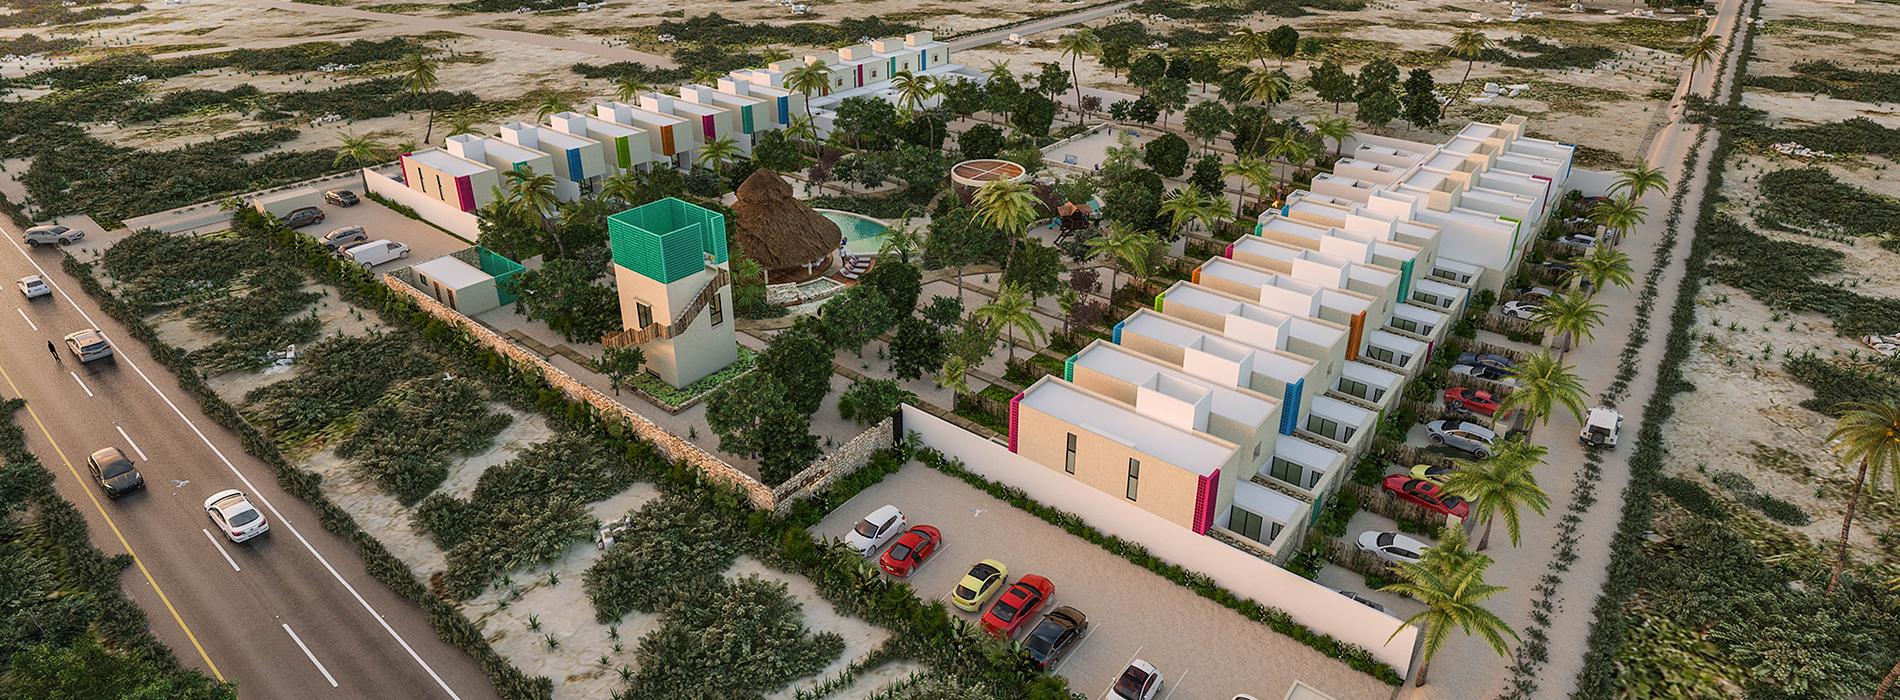 Terrenos Residenciales Venta Mérida Diez Punto Cinco Lotes Goodlers